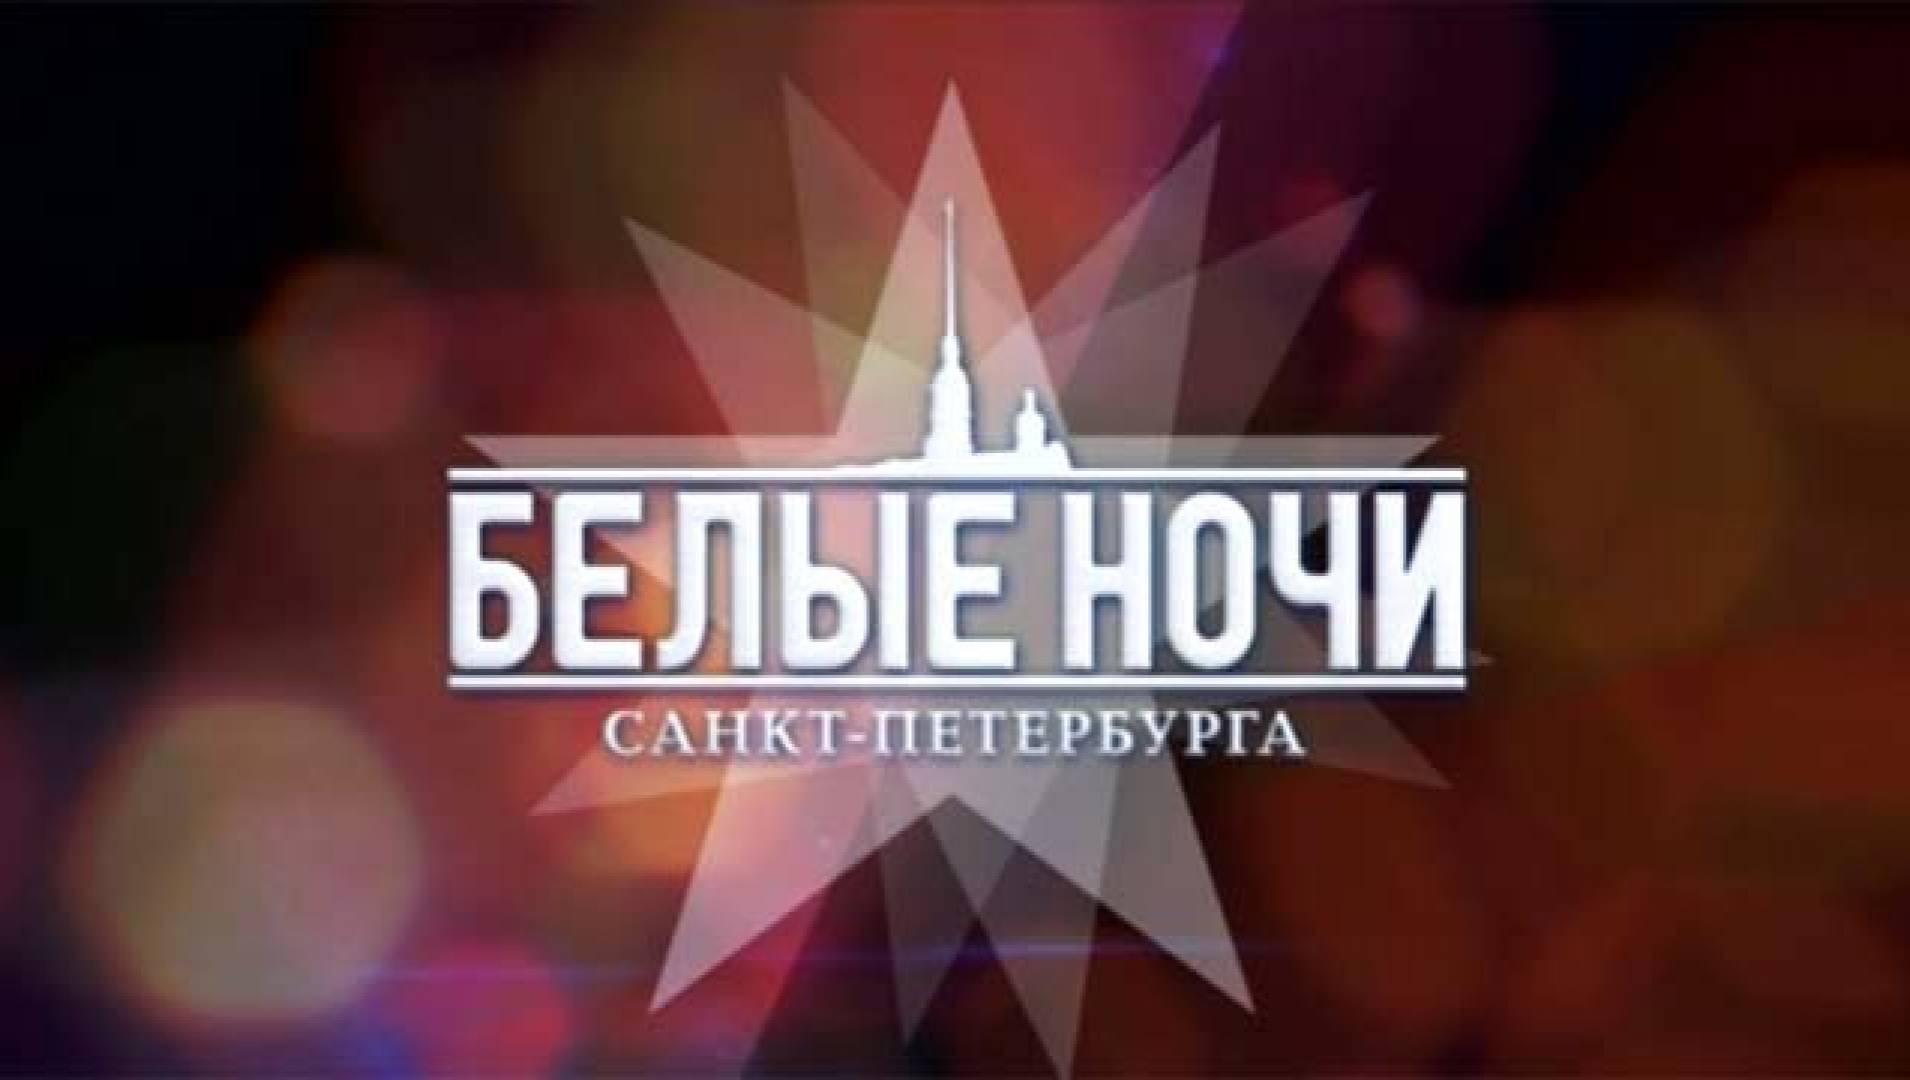 Белые ночи Санкт-Петербурга - Музыкальная, Программа